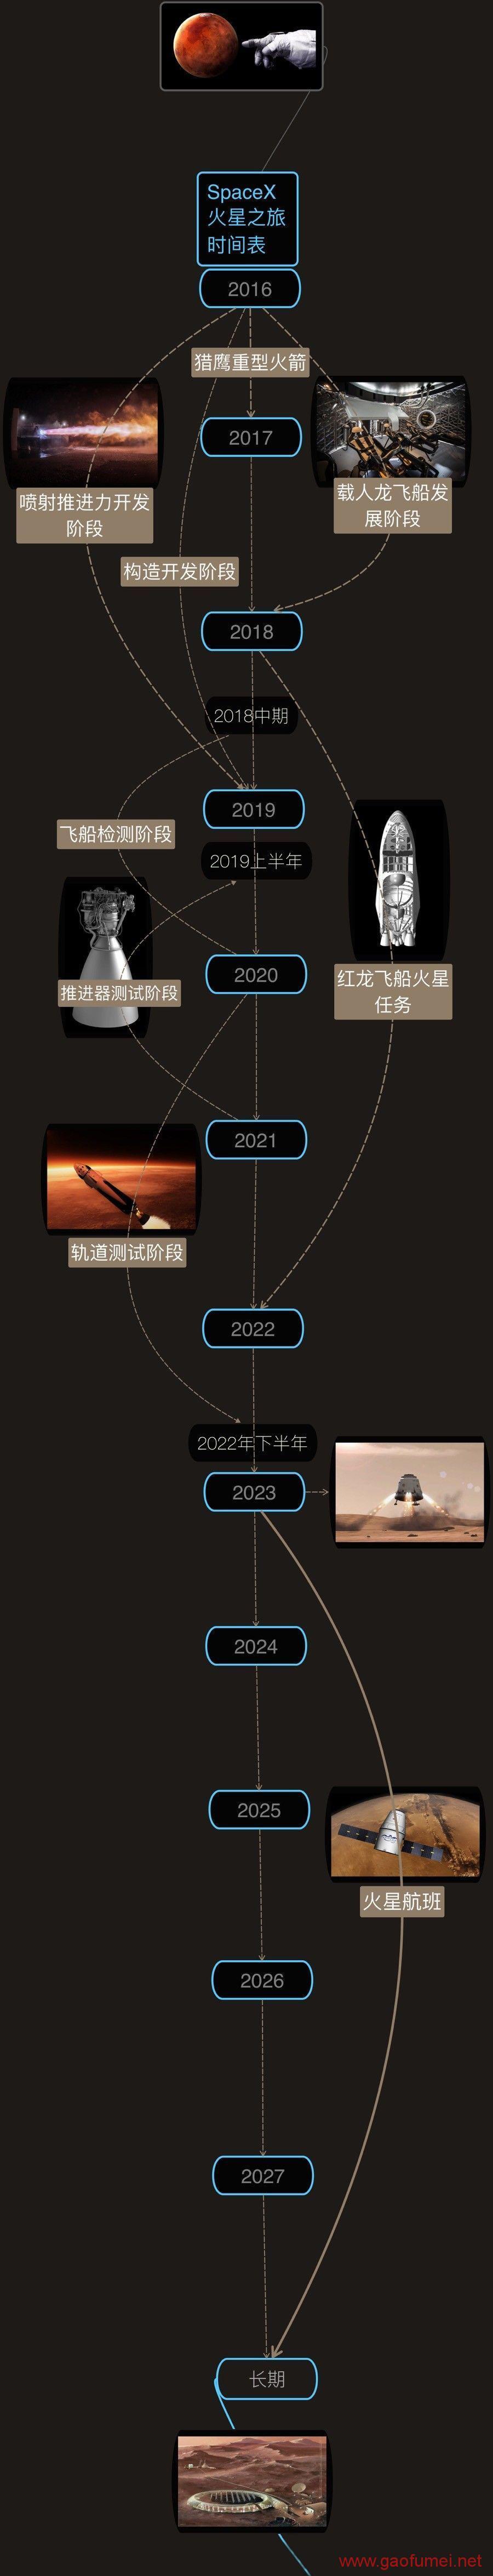 未来我们将进行星际移民,这个未来已不再遥远